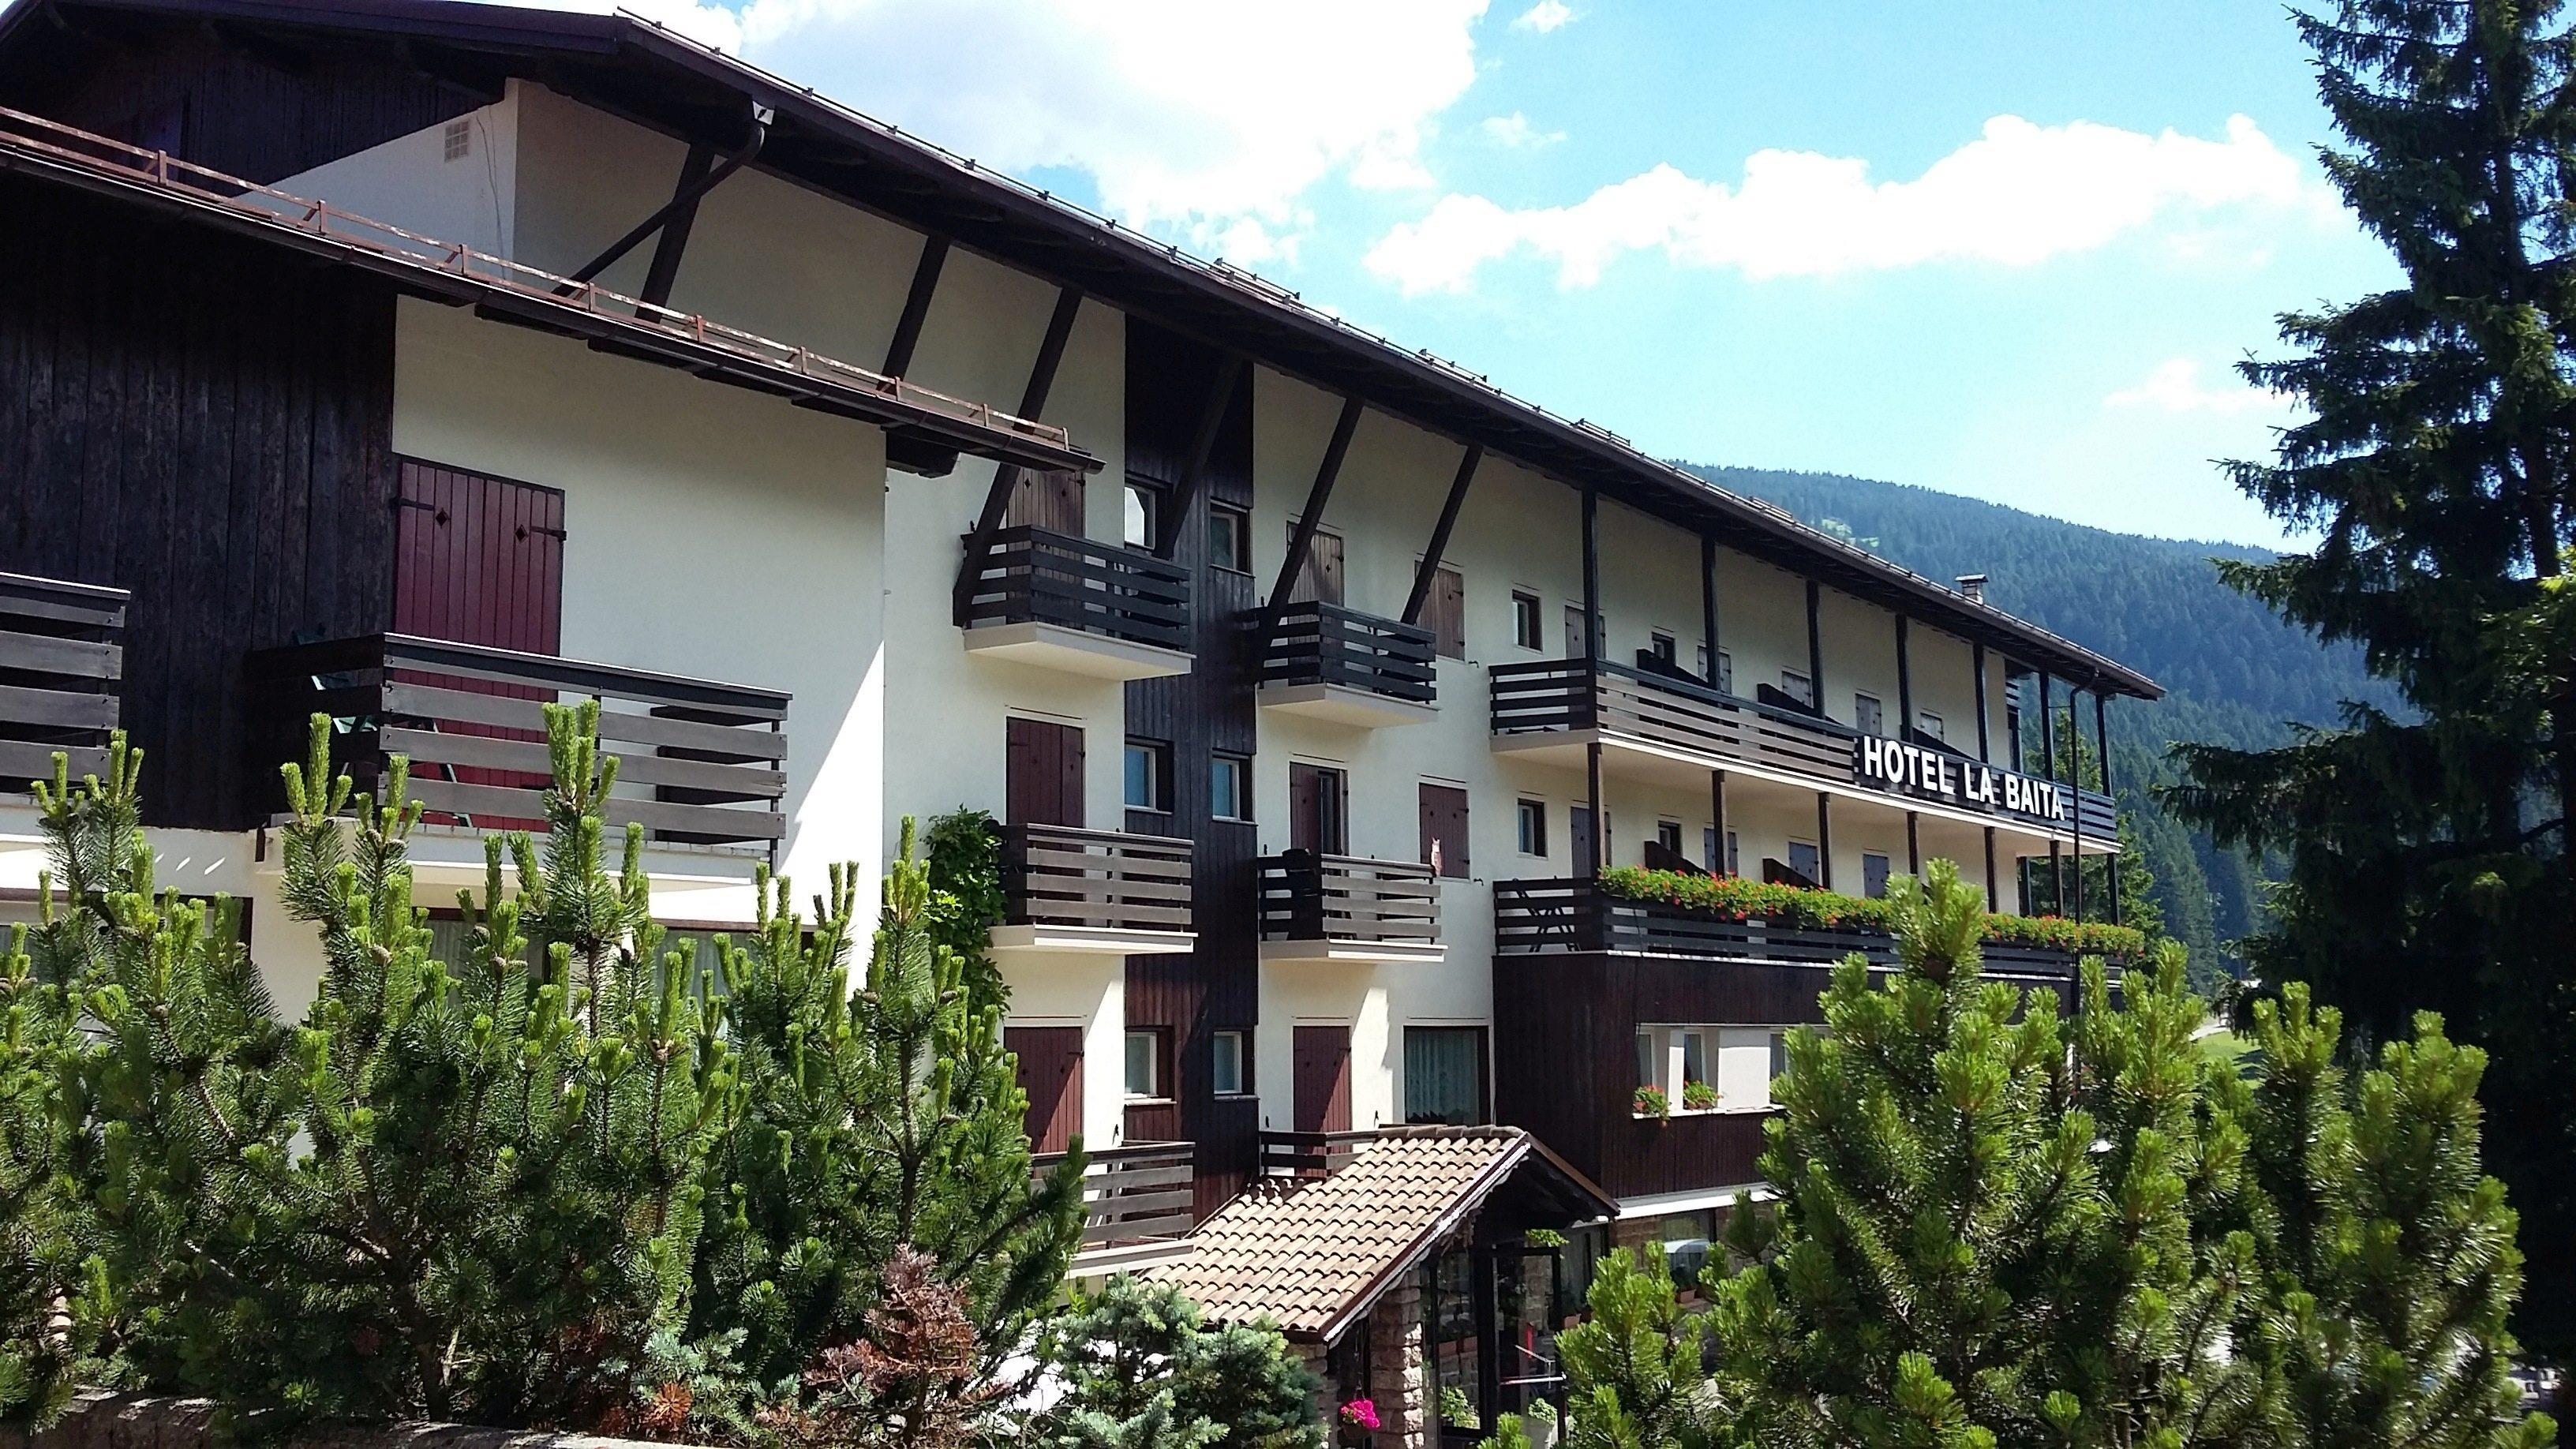 Hotel la baita hotel per bambini in montagna in trentino for Hotel per bambini trentino